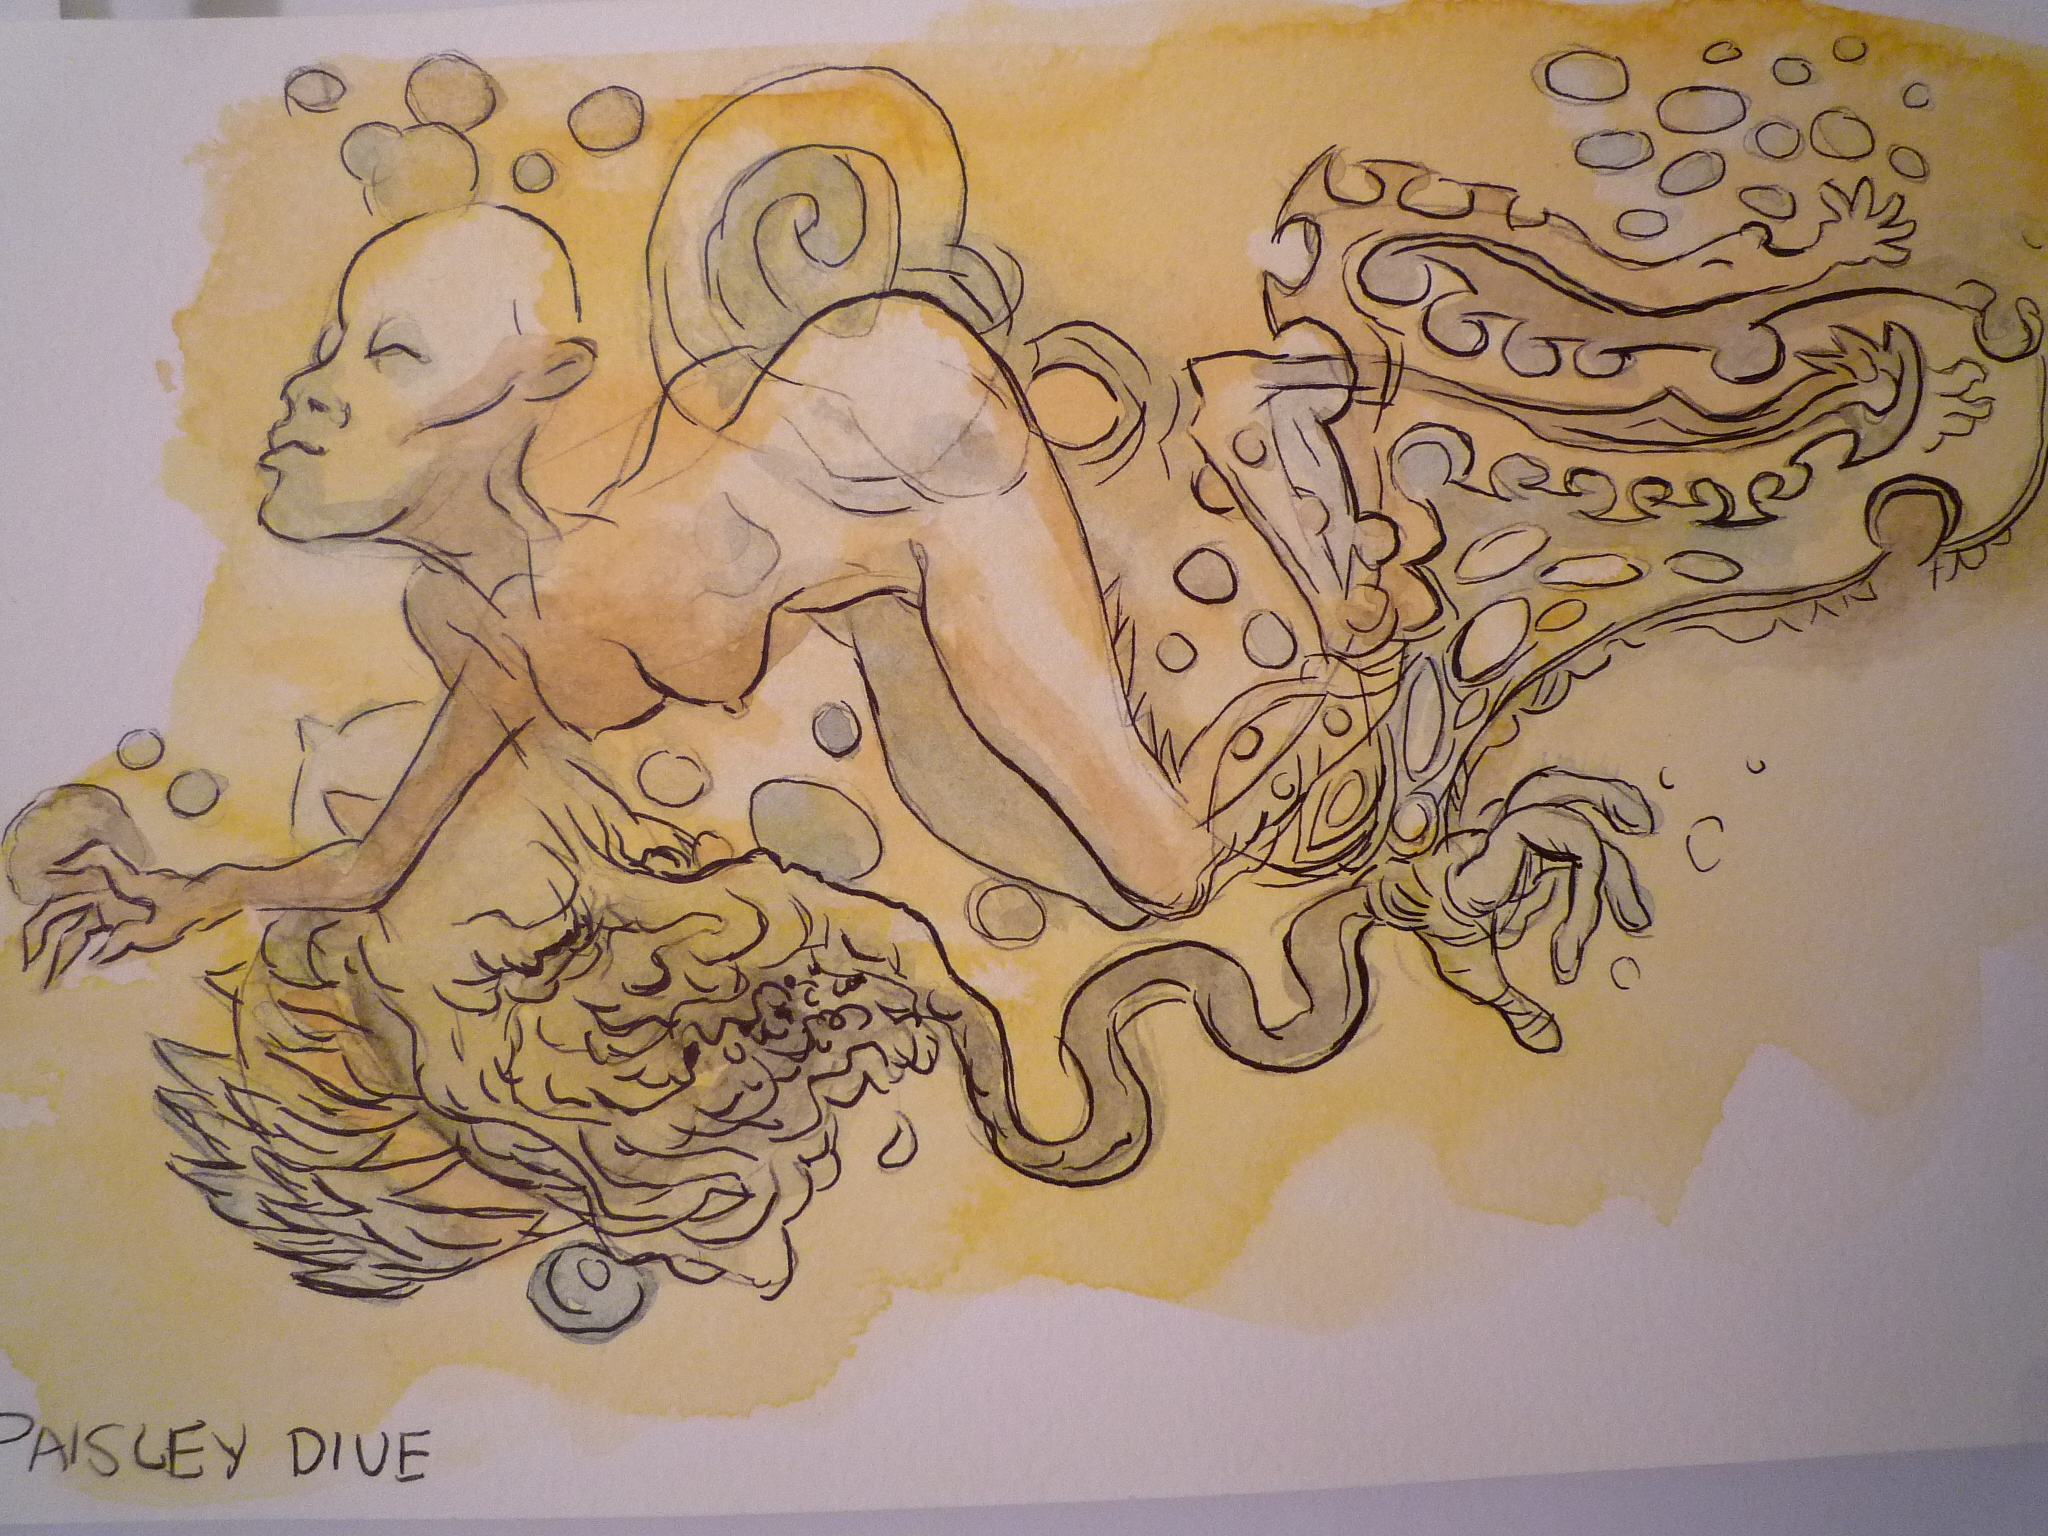 Paisley Dive